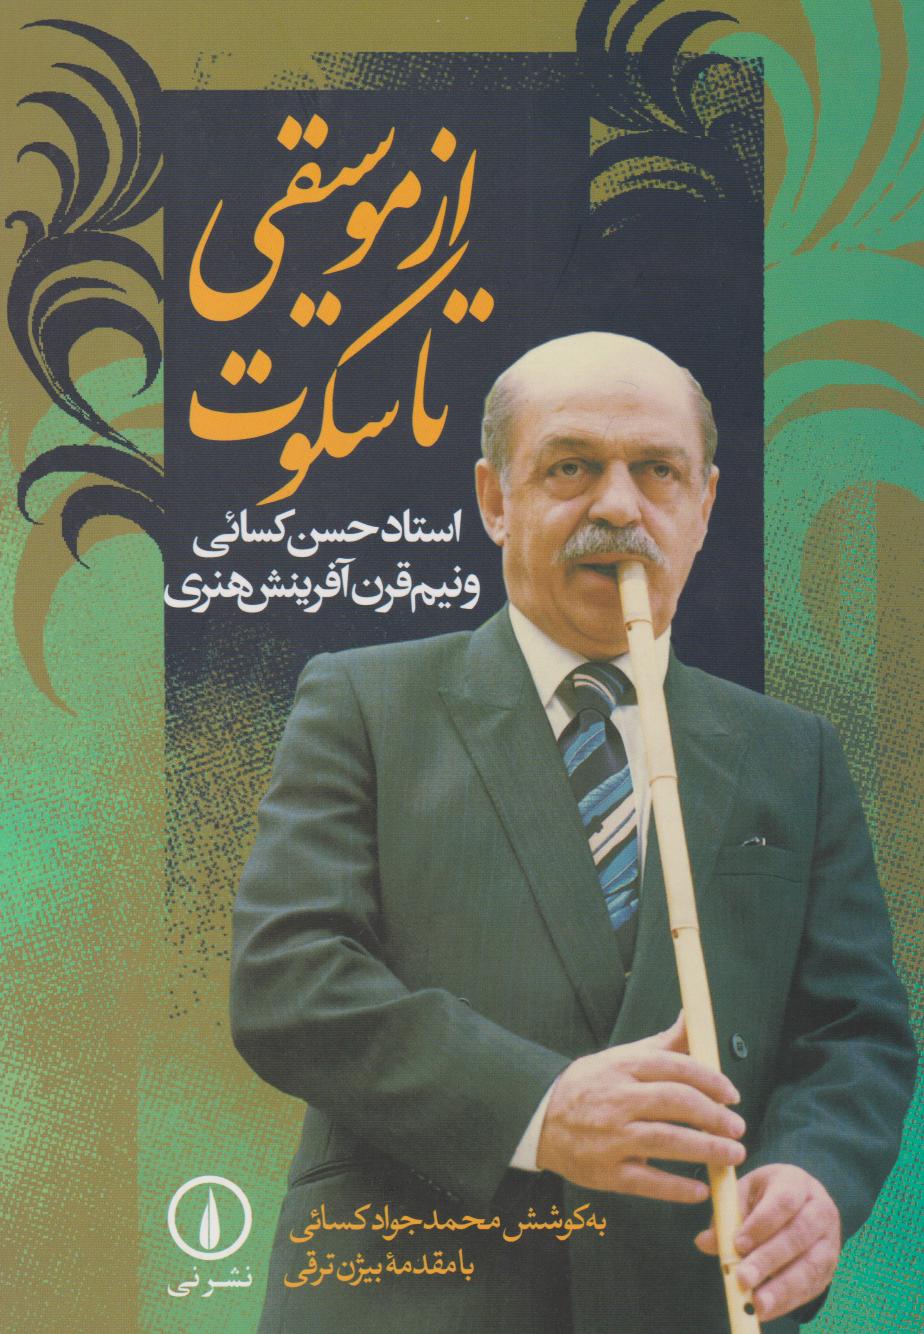 کتاب از موسیقی تا سکوت محمدجواد کسائی انتشارات نی